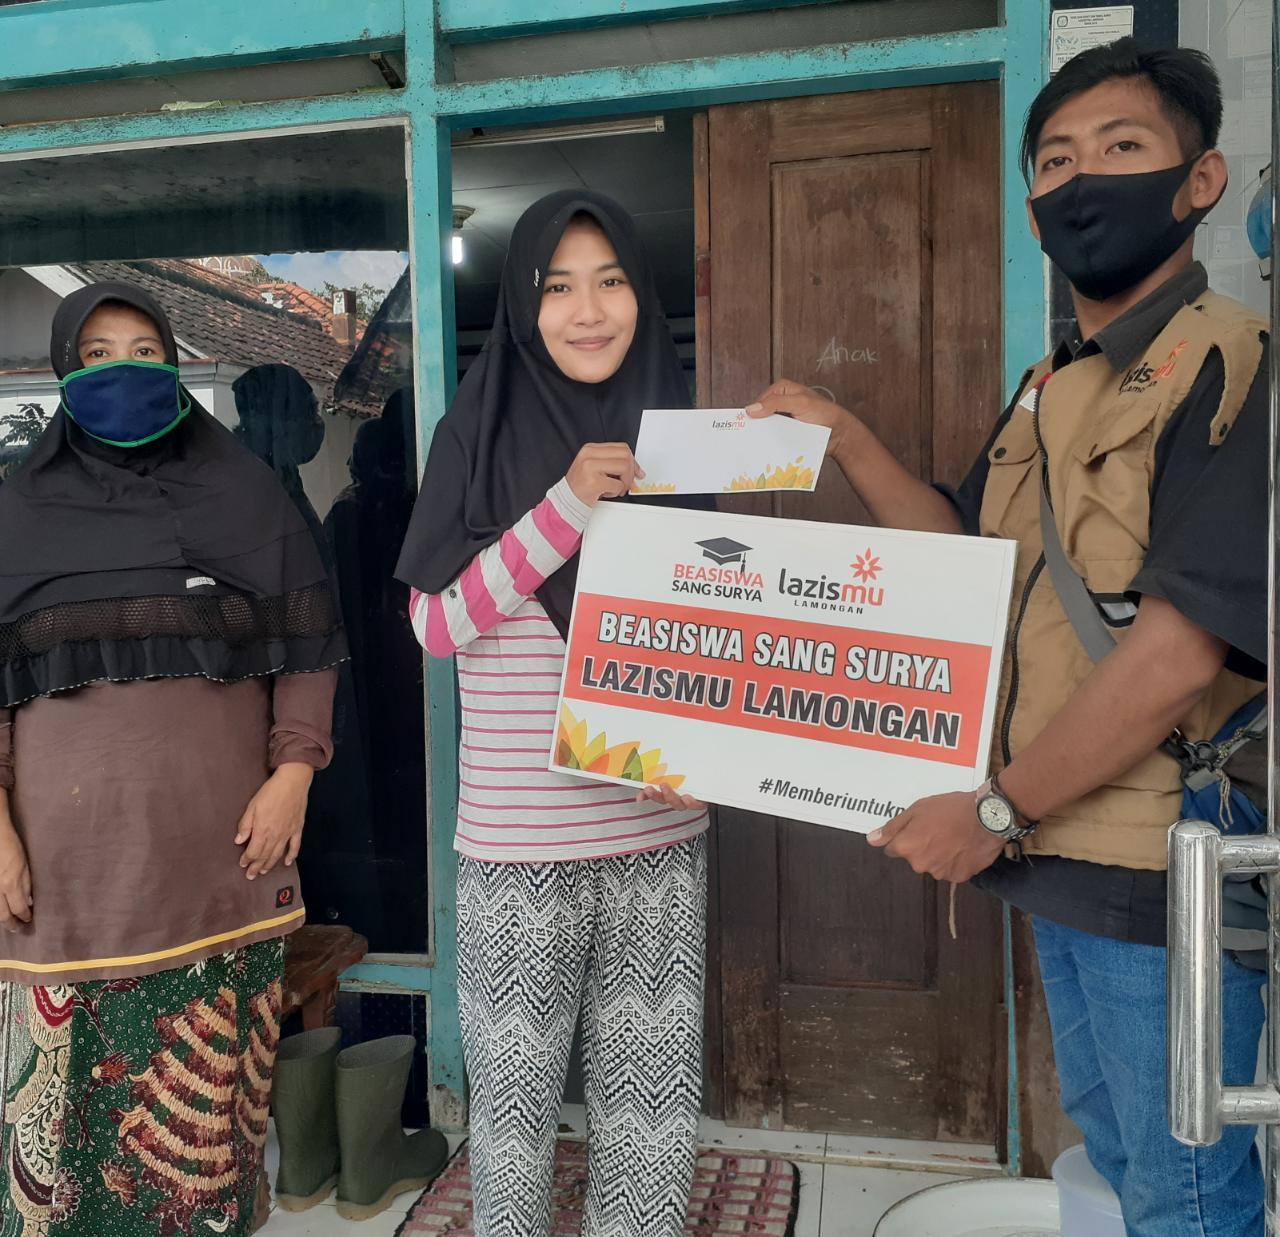 """Di tengah Pendemi, Lazismu Lamongan Tetap Salurkan Bantuan Beasiswa """"Sang Surya"""""""